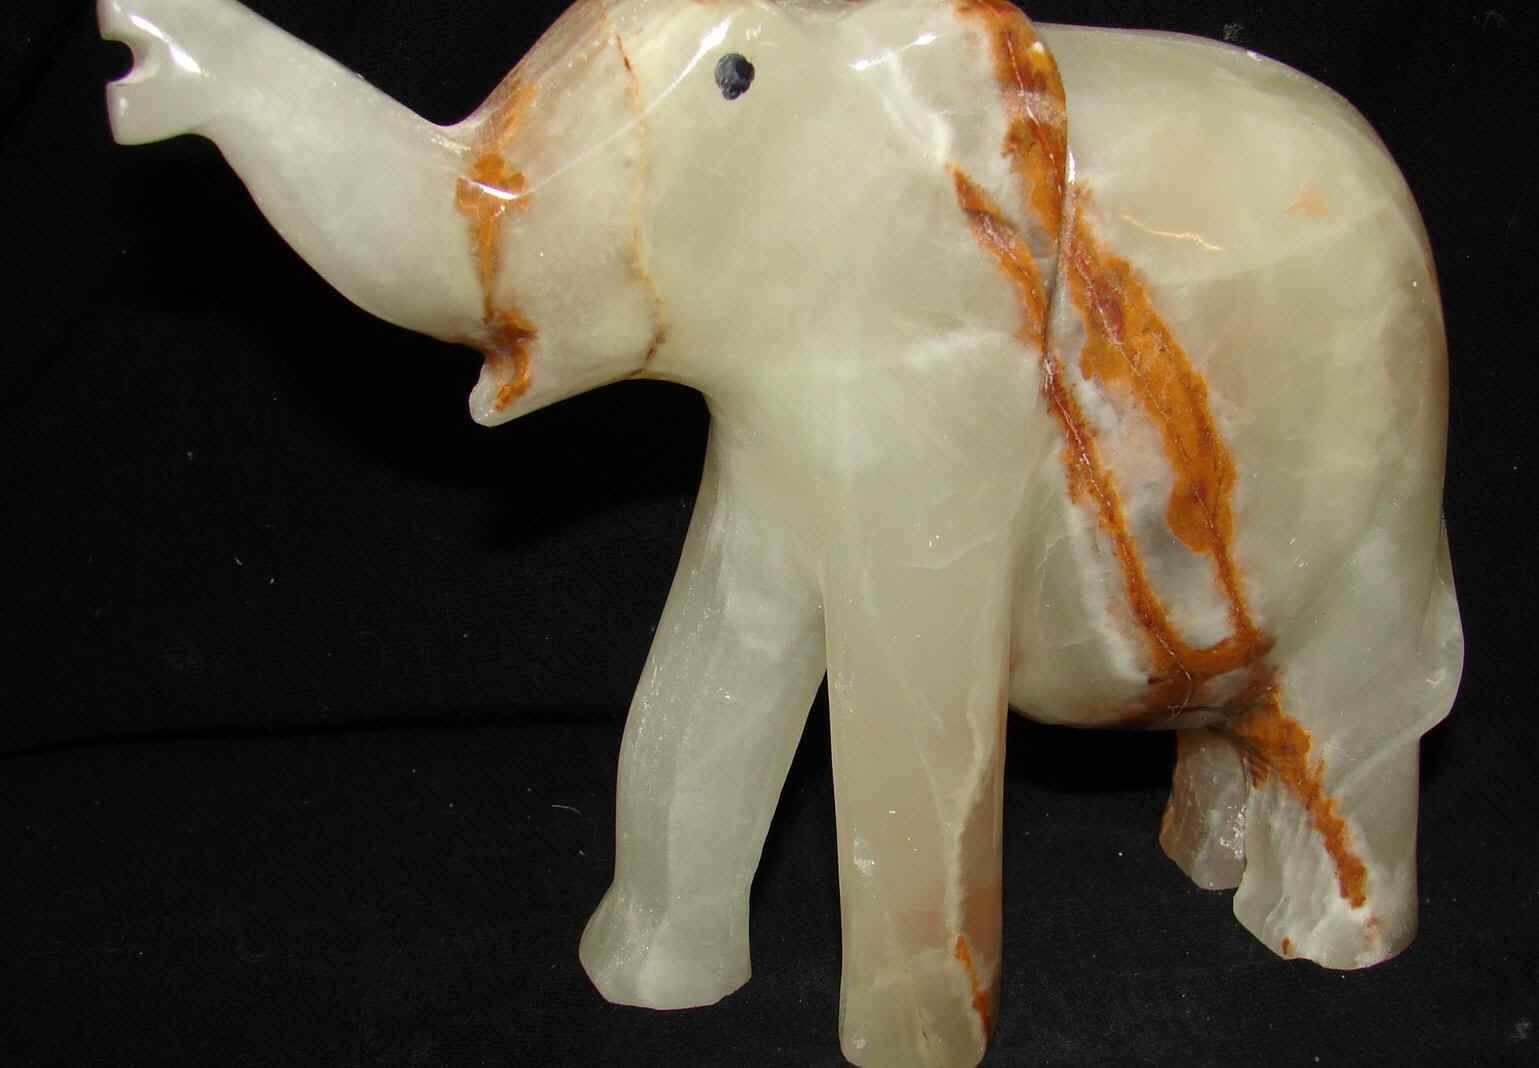 http://www.rockshops.net/elephant6-12.jpg (582341 bytes)